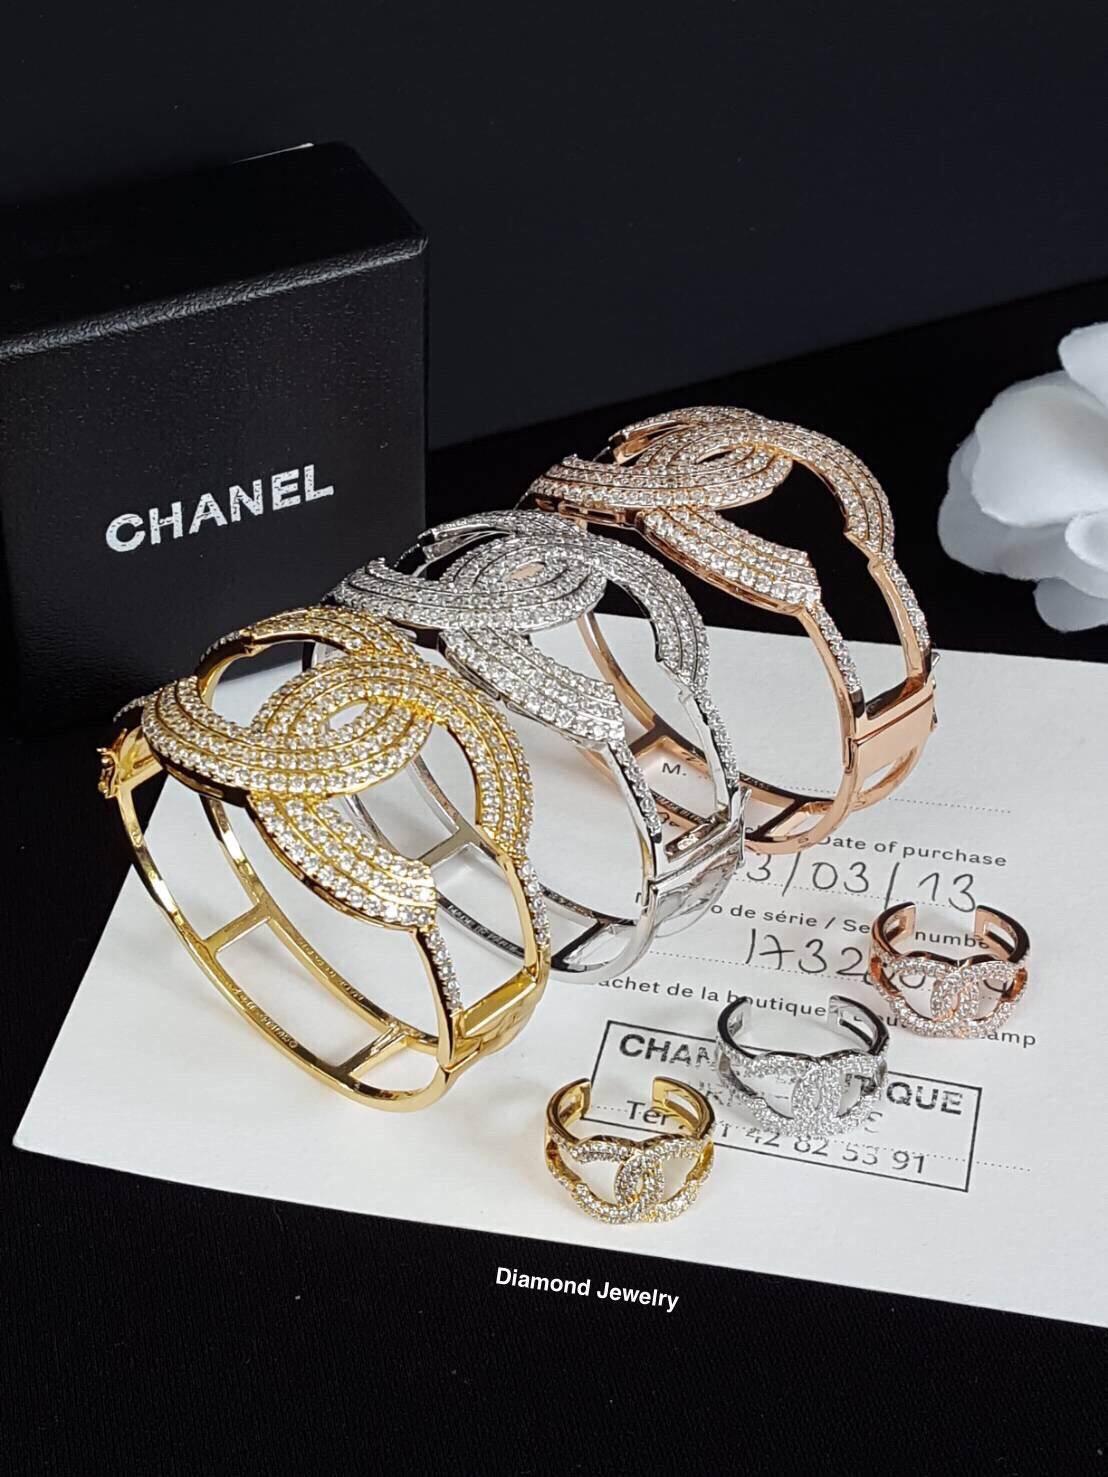 พร้อมส่ง Chanel Bangle & Ring กำไลและแหวนชาแนล